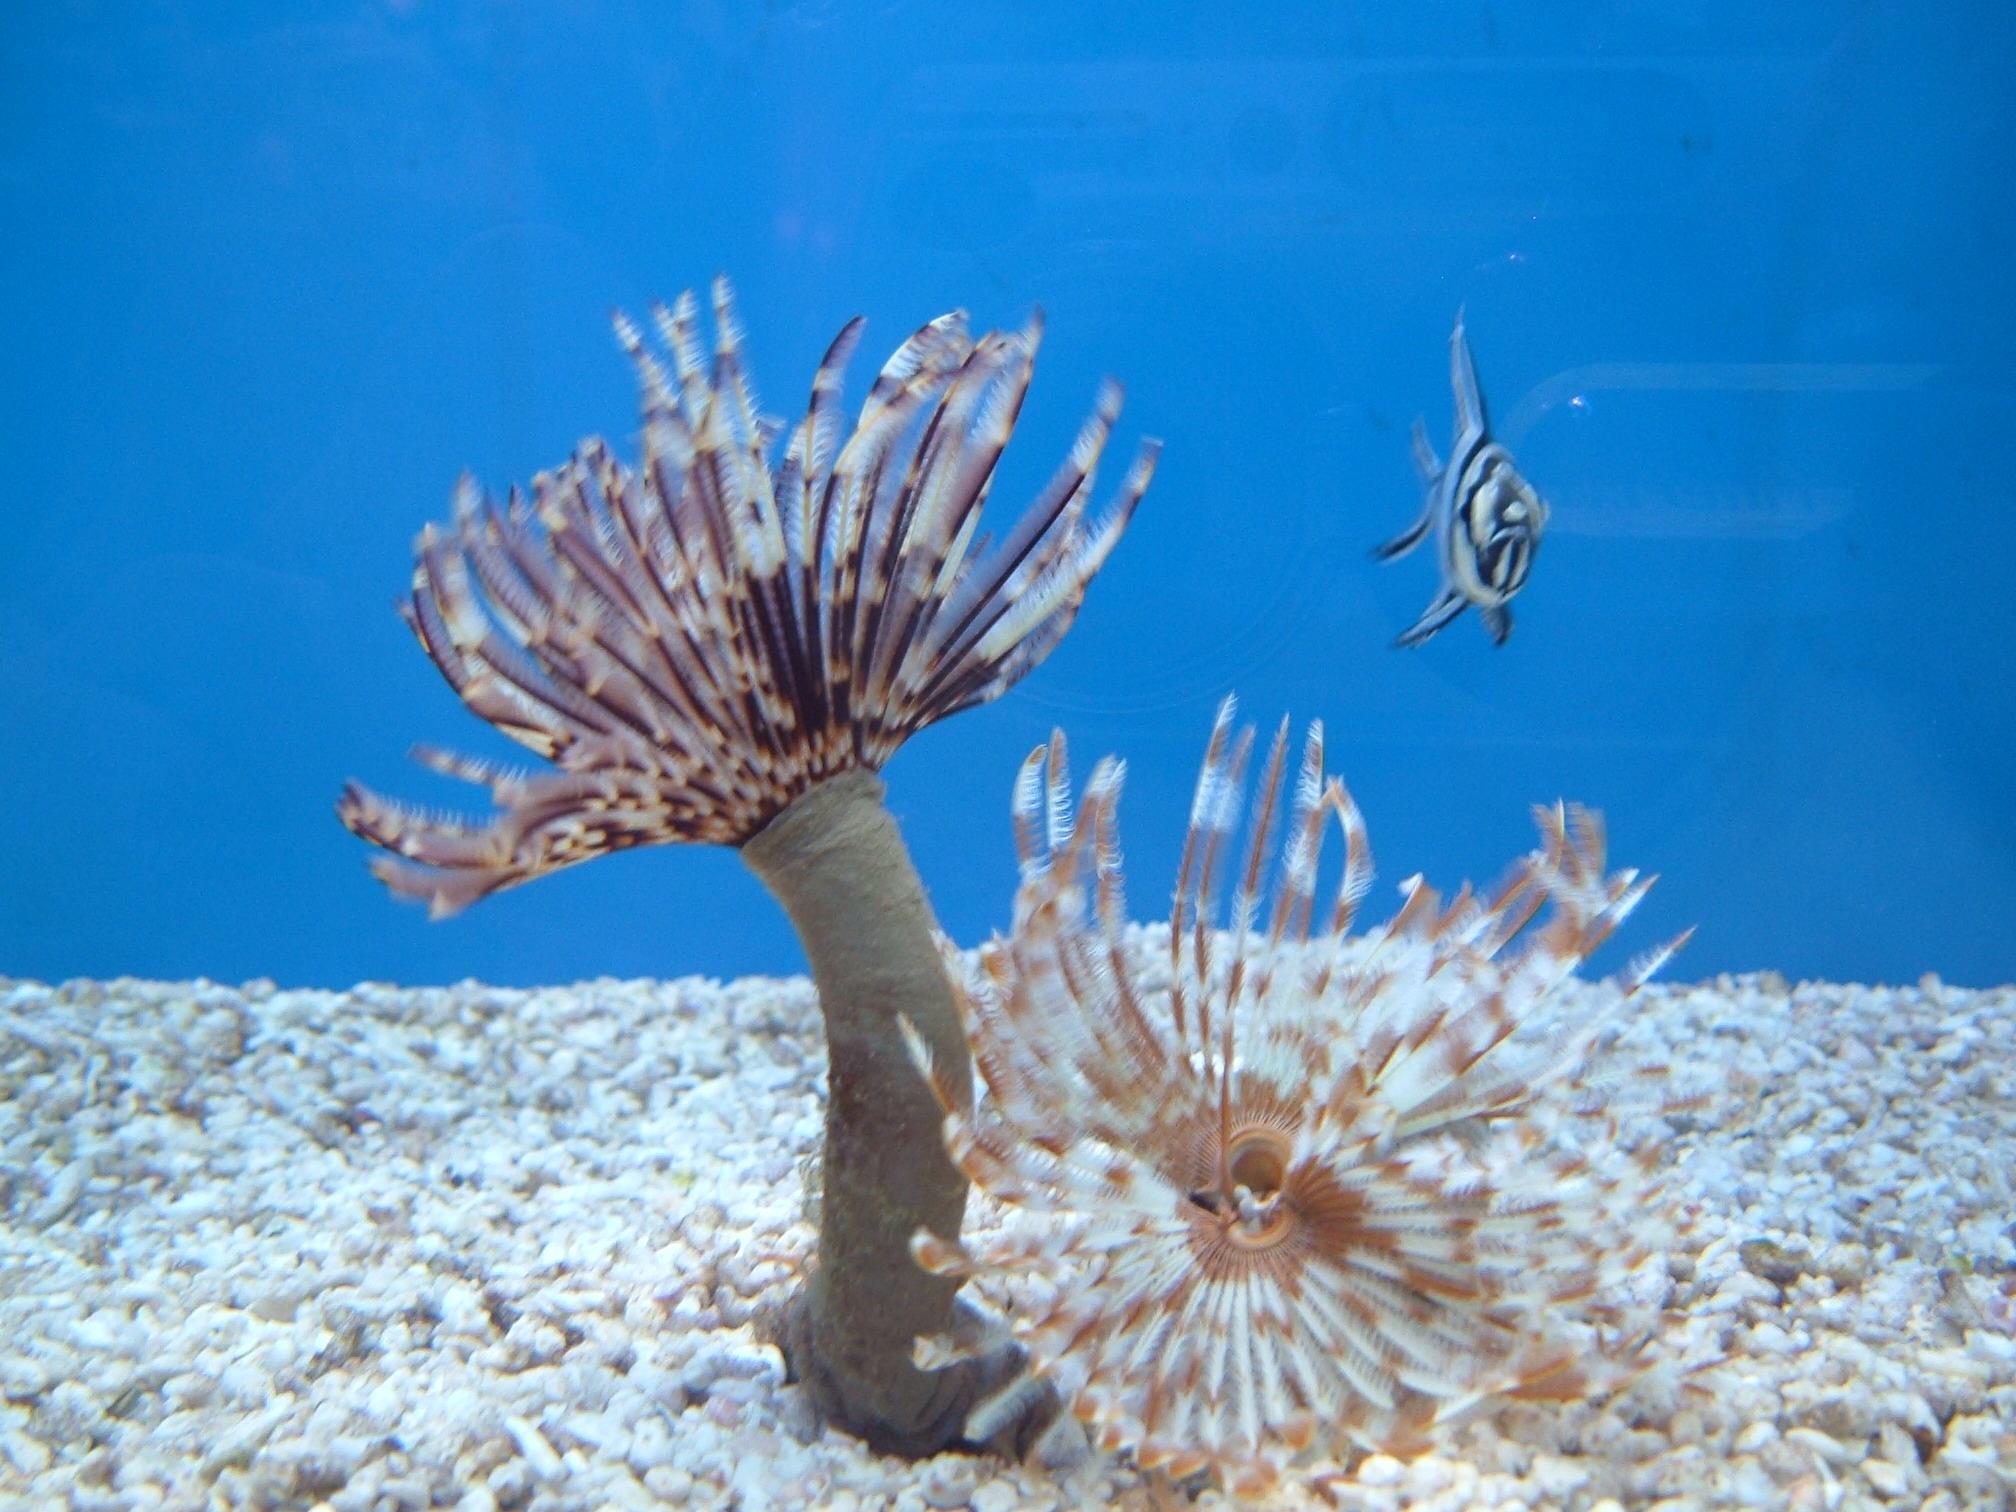 tengeri gyurusféreg az eozinofilek megtámadják a parazitákat